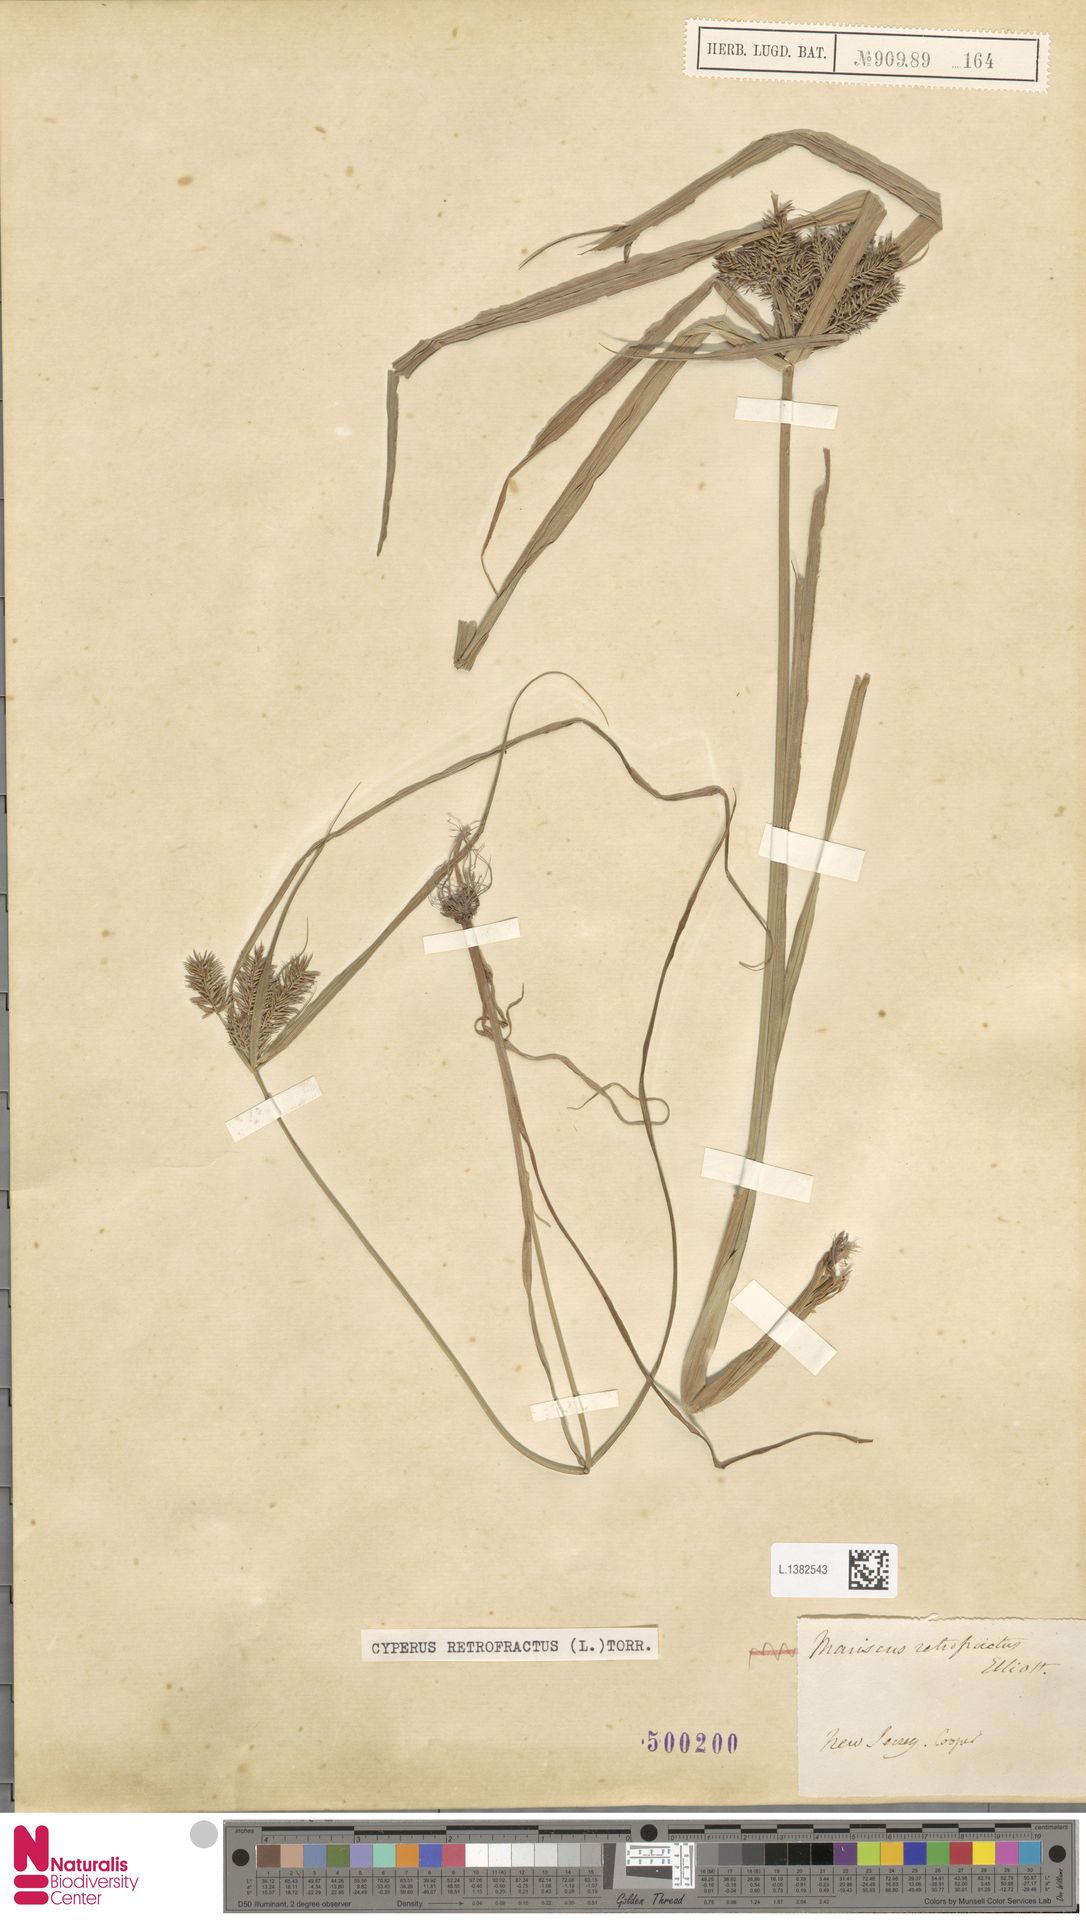 L.1382543 | Cyperus retrofractus (L.) Torr.